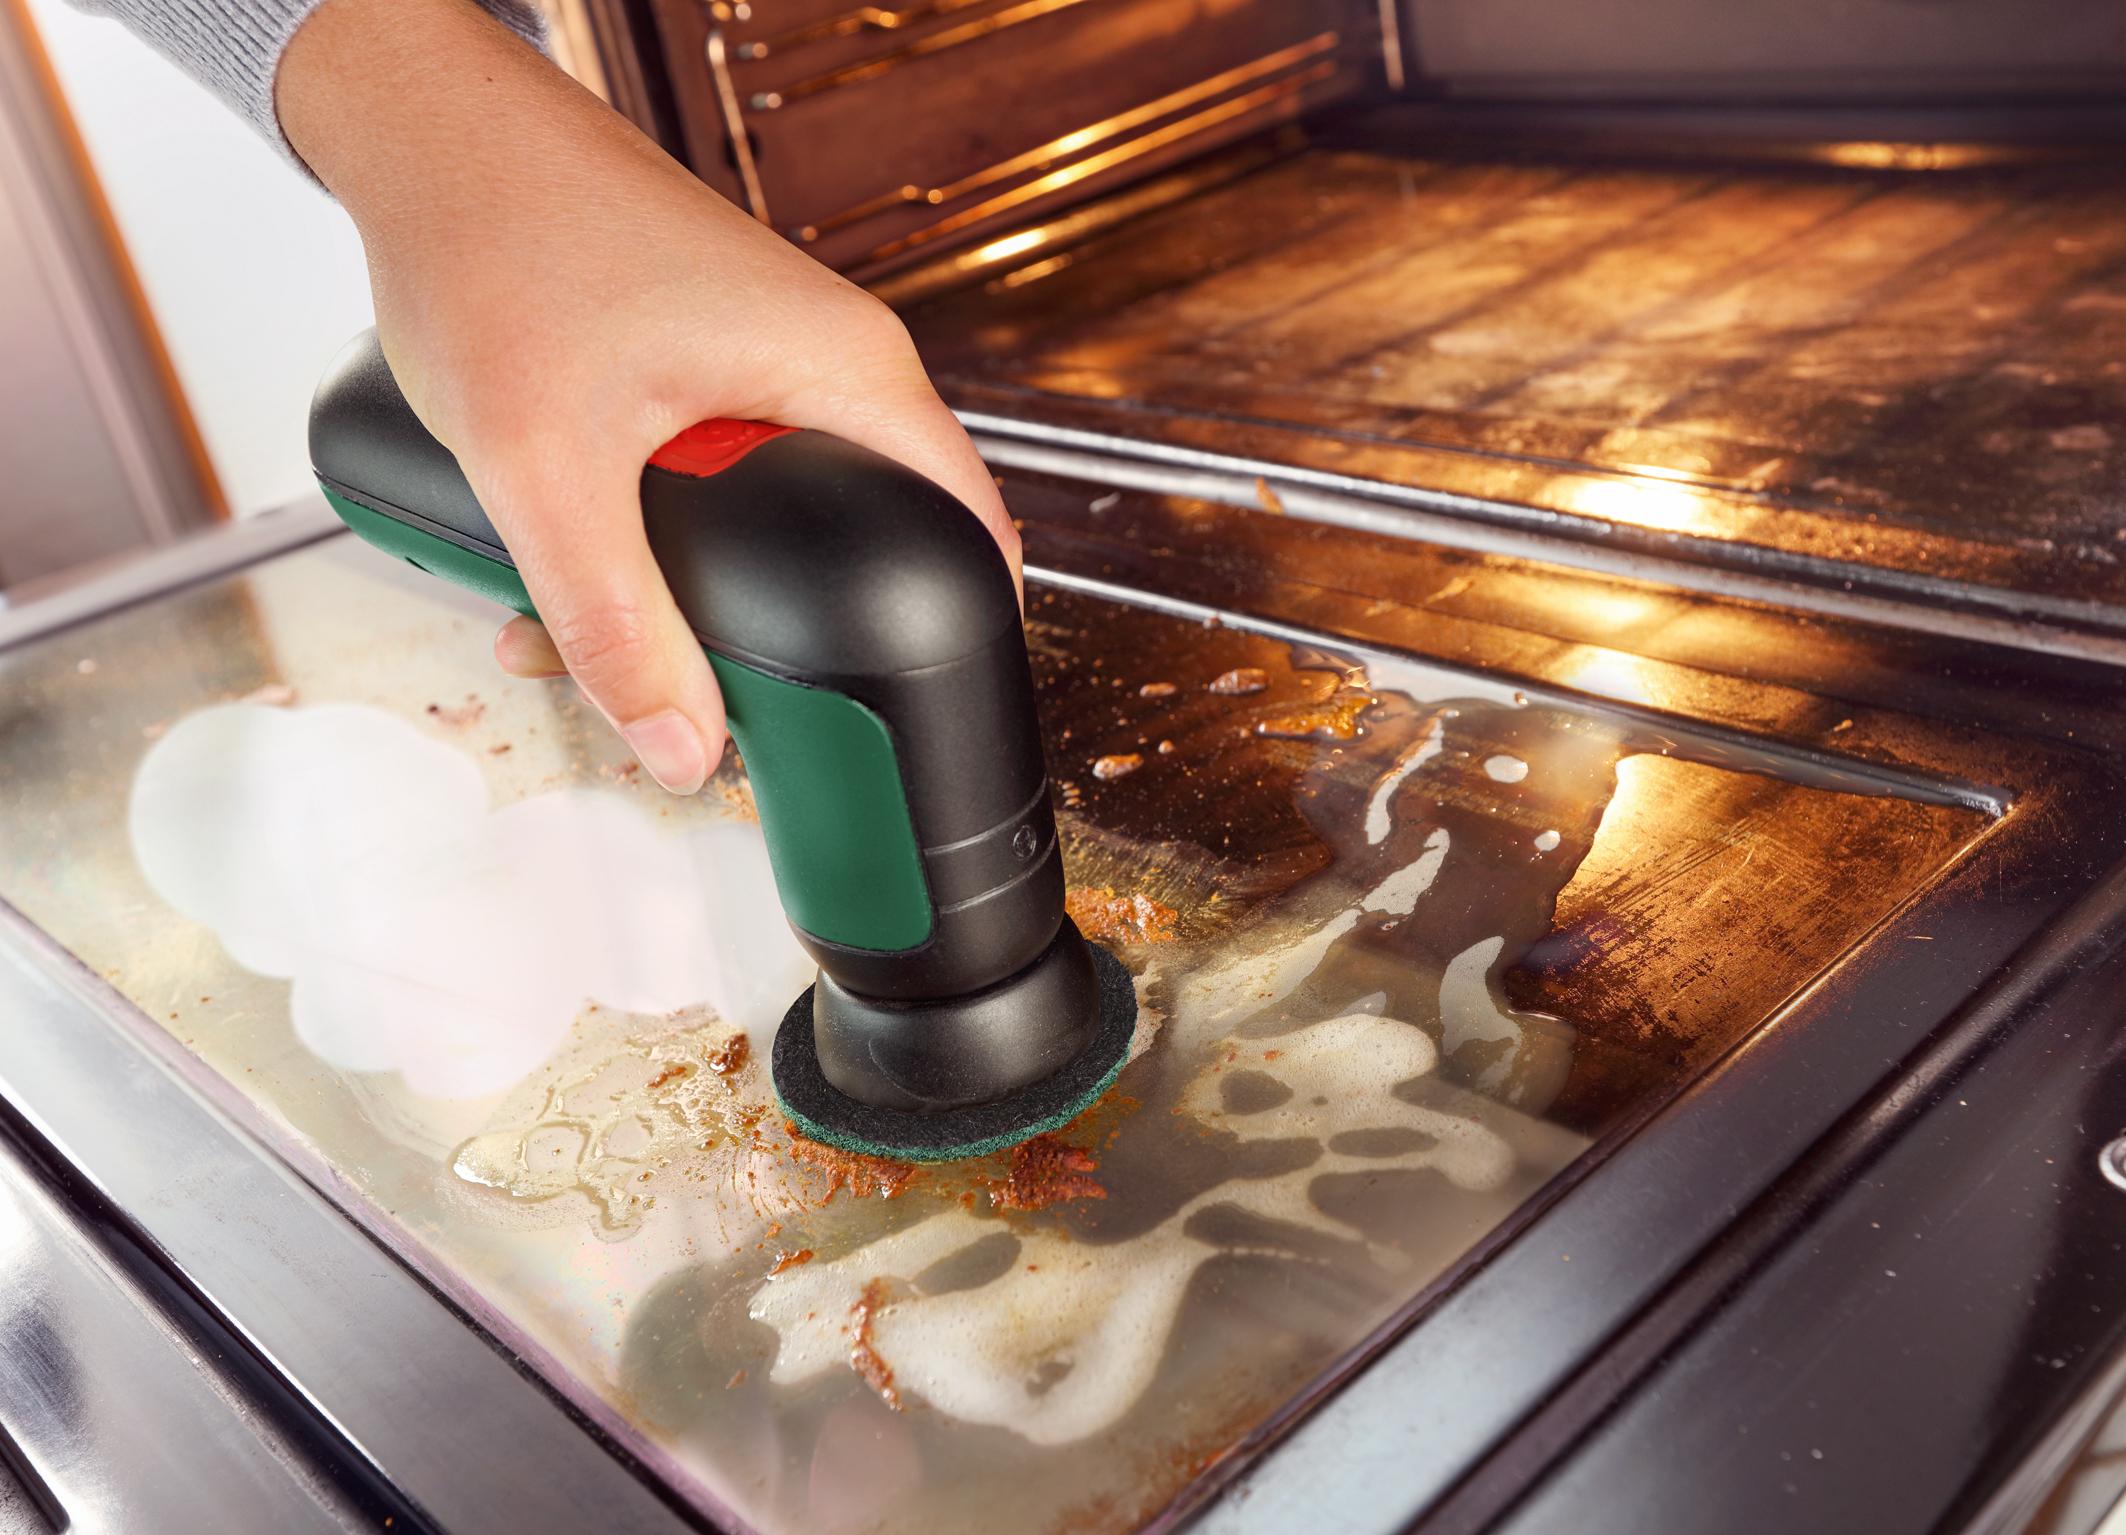 UniversalBrush - rôzne nadstavce, nespočet možností čistenia: kuchynská podložka na odstraňovanie priľnavej špiny